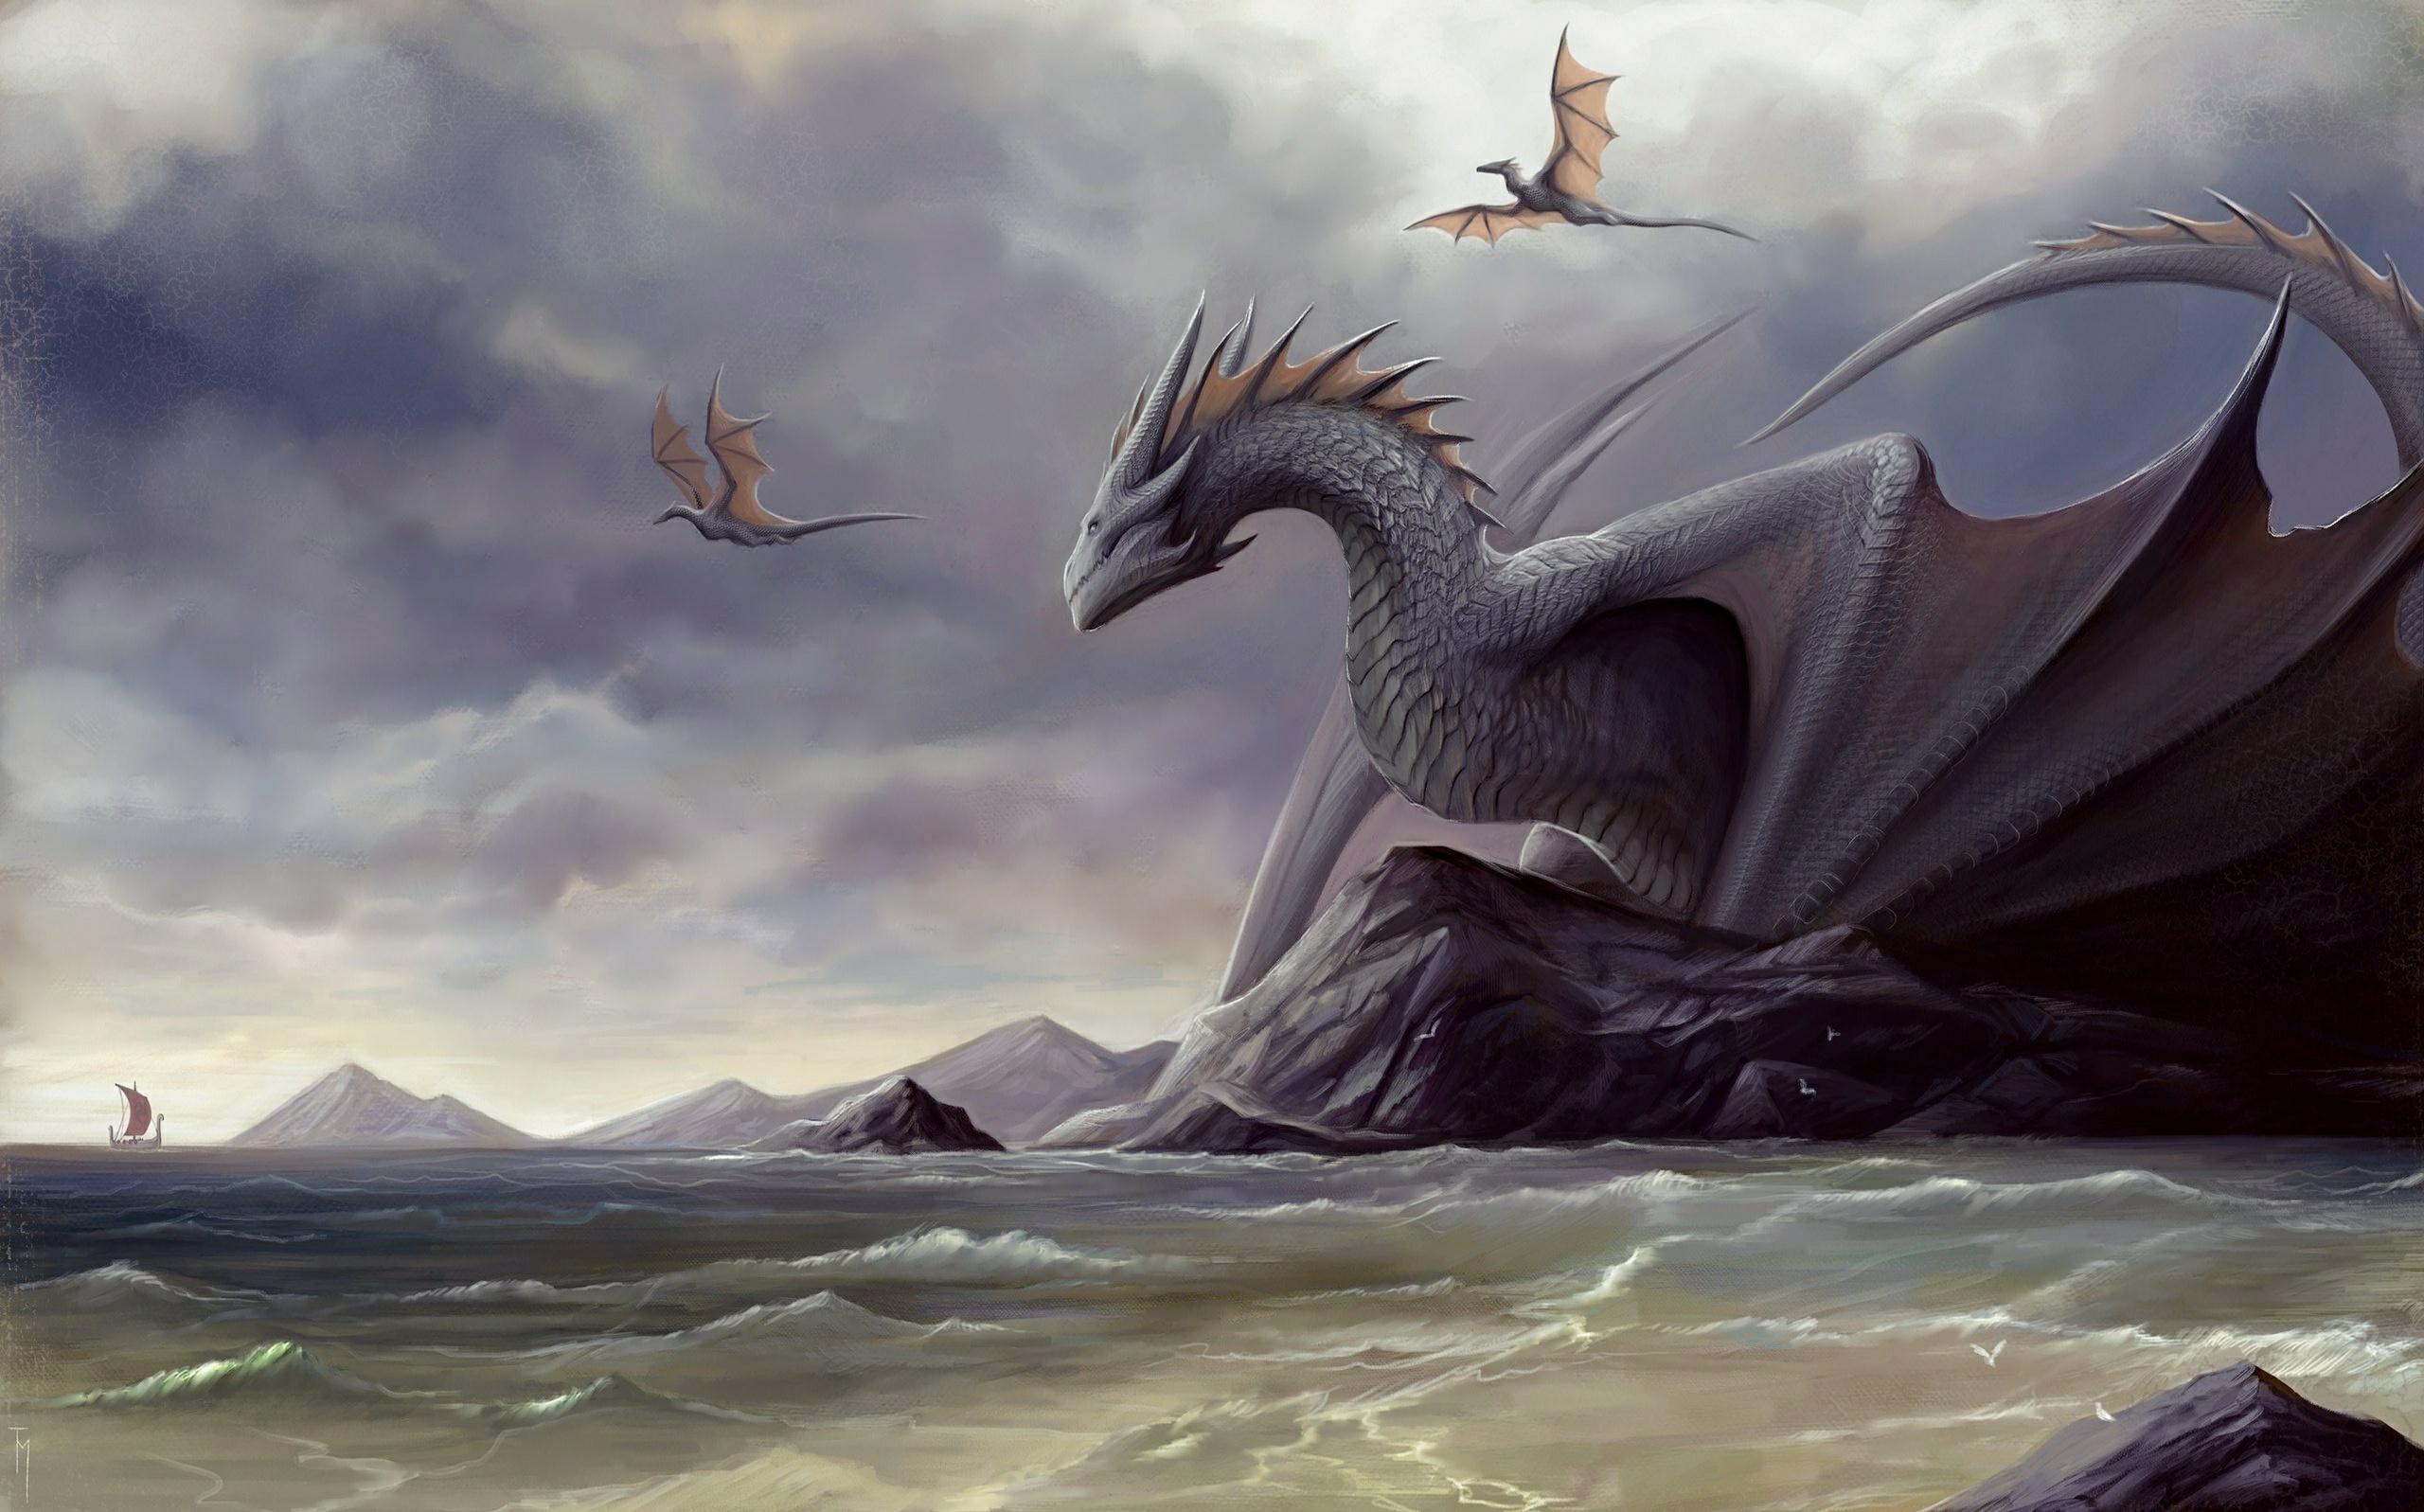 1366x768 dragon digital art fantasy 1366x768 resolution hd - Fantasy wallpaper digital art ...